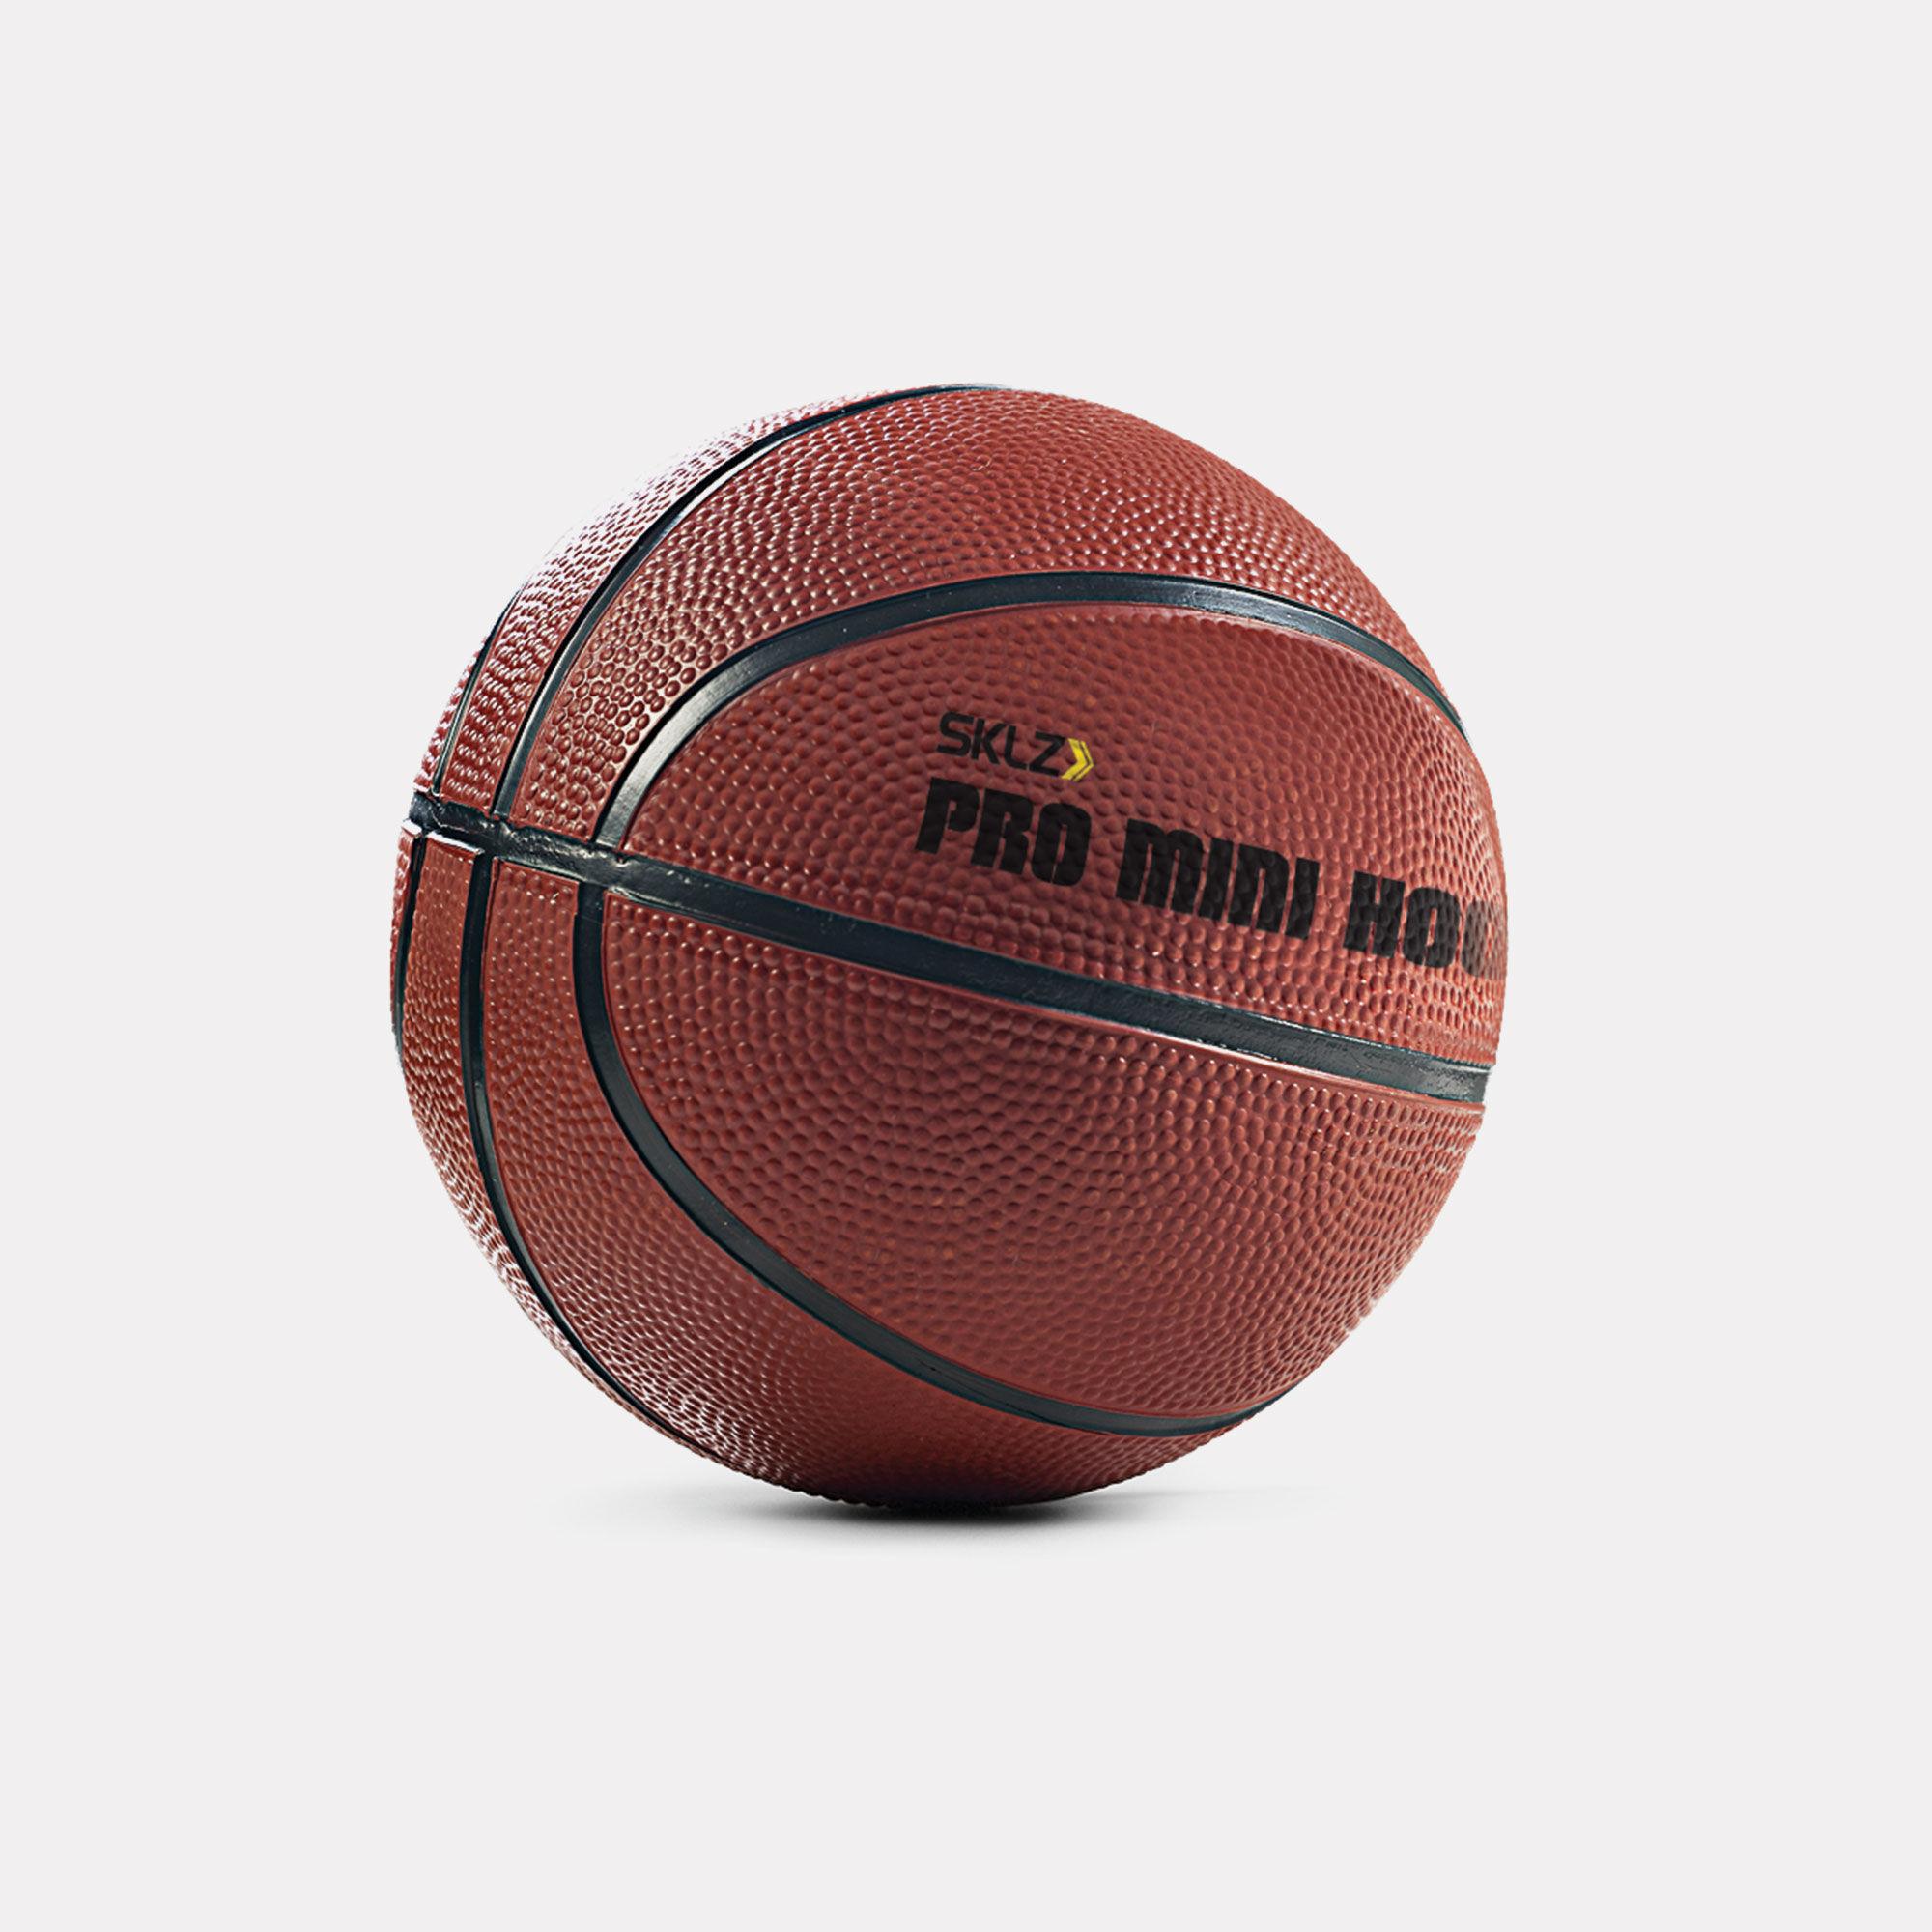 SKLZ Pro Mini Hoop Ball 5